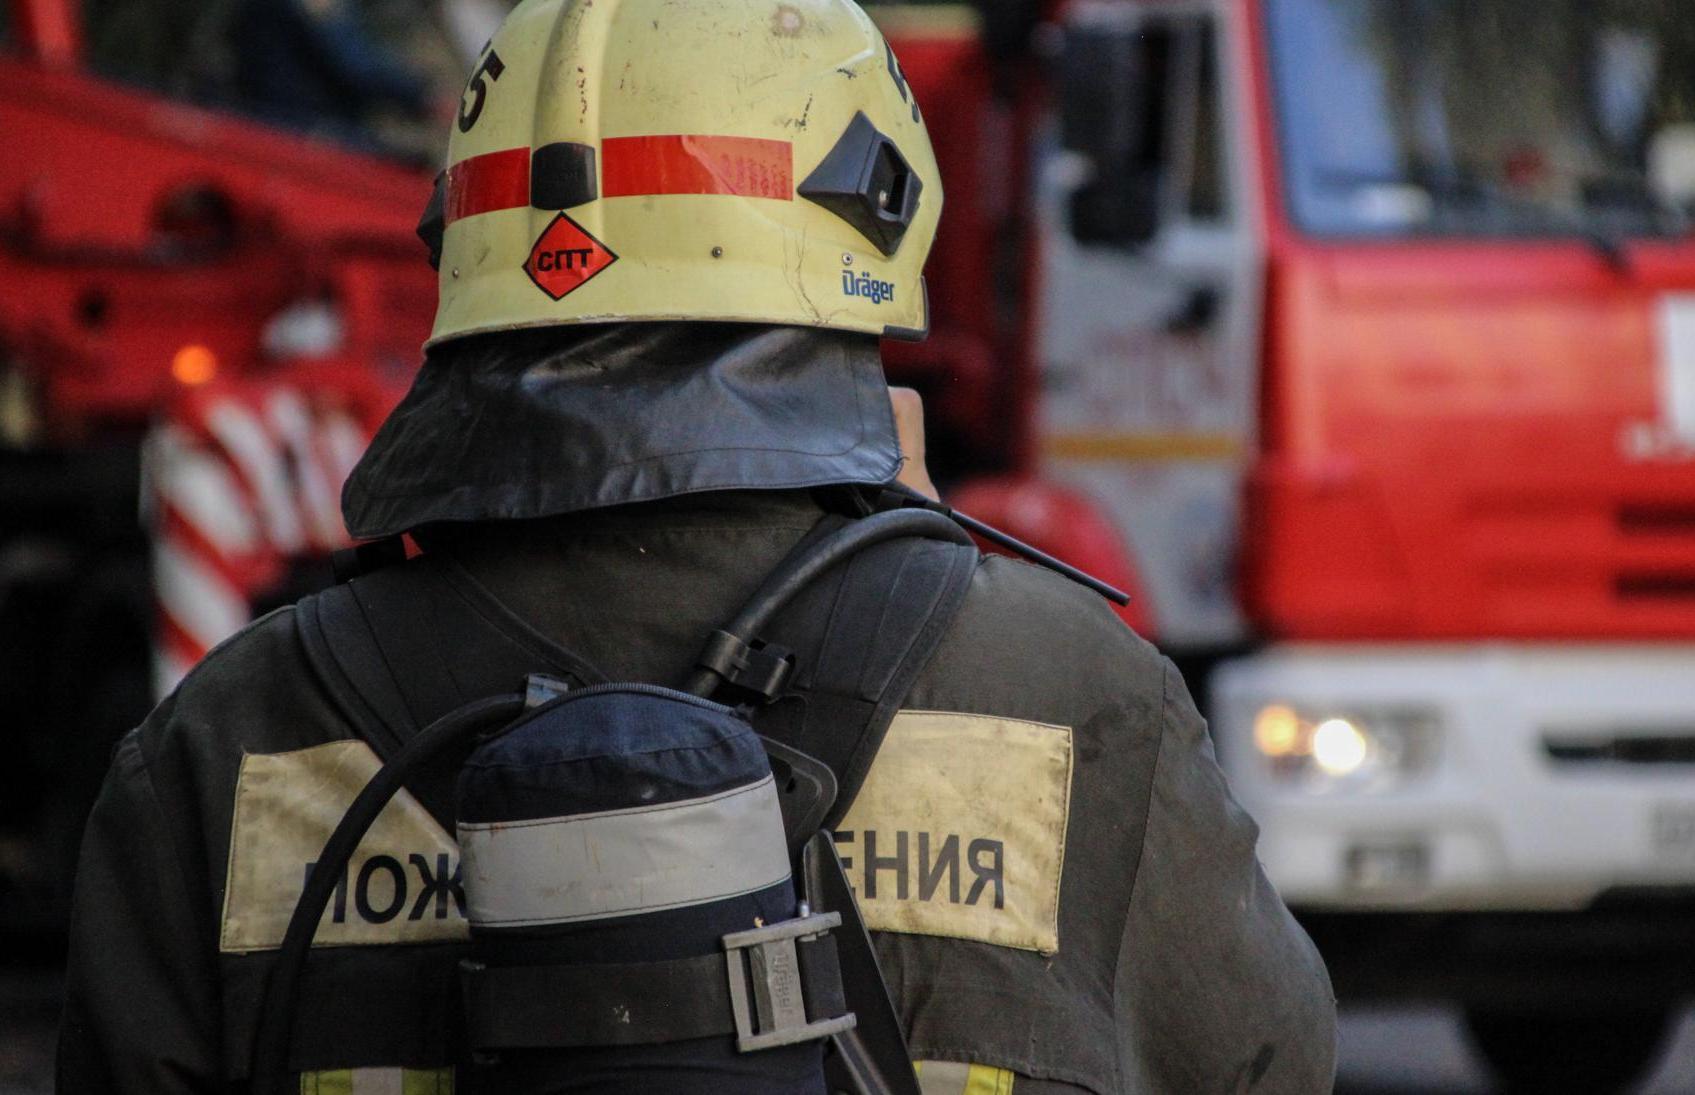 В Весьегонске Тверской области мужчина поджег гараж с автомобилем  - новости Афанасий